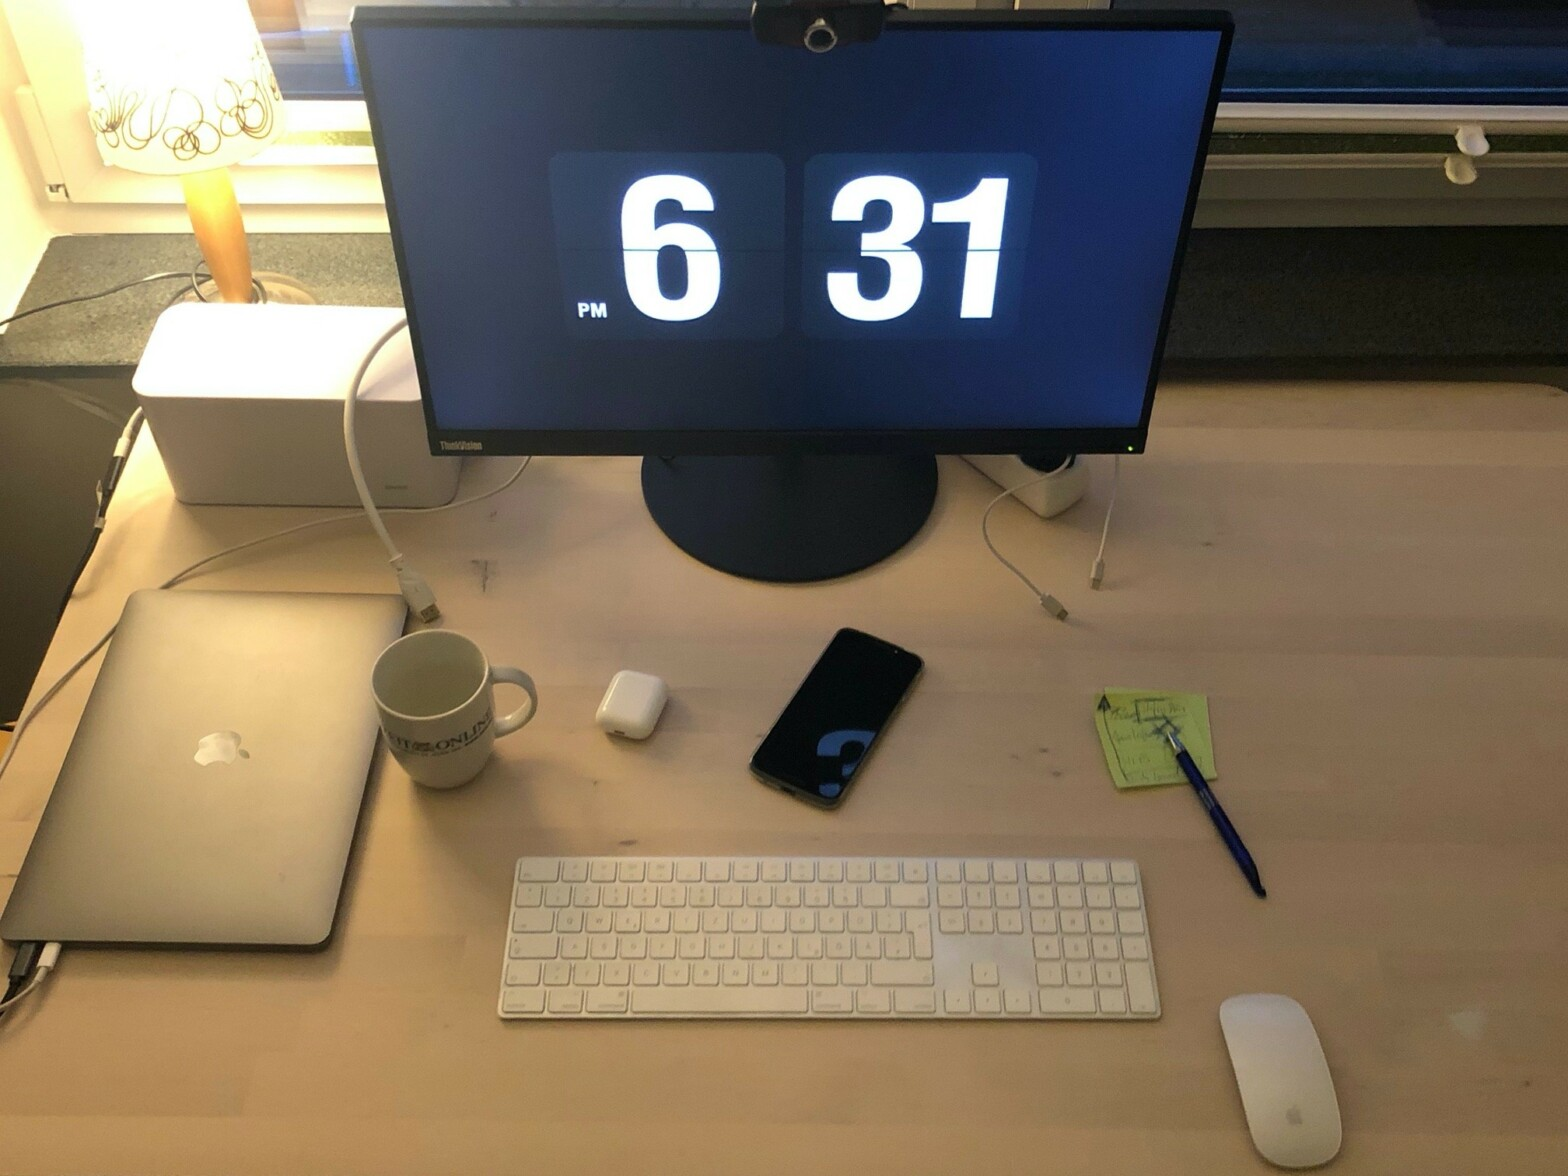 Aktueller Stand des Arbeitsplatzes im Home-Office mit großem Bildschirm.